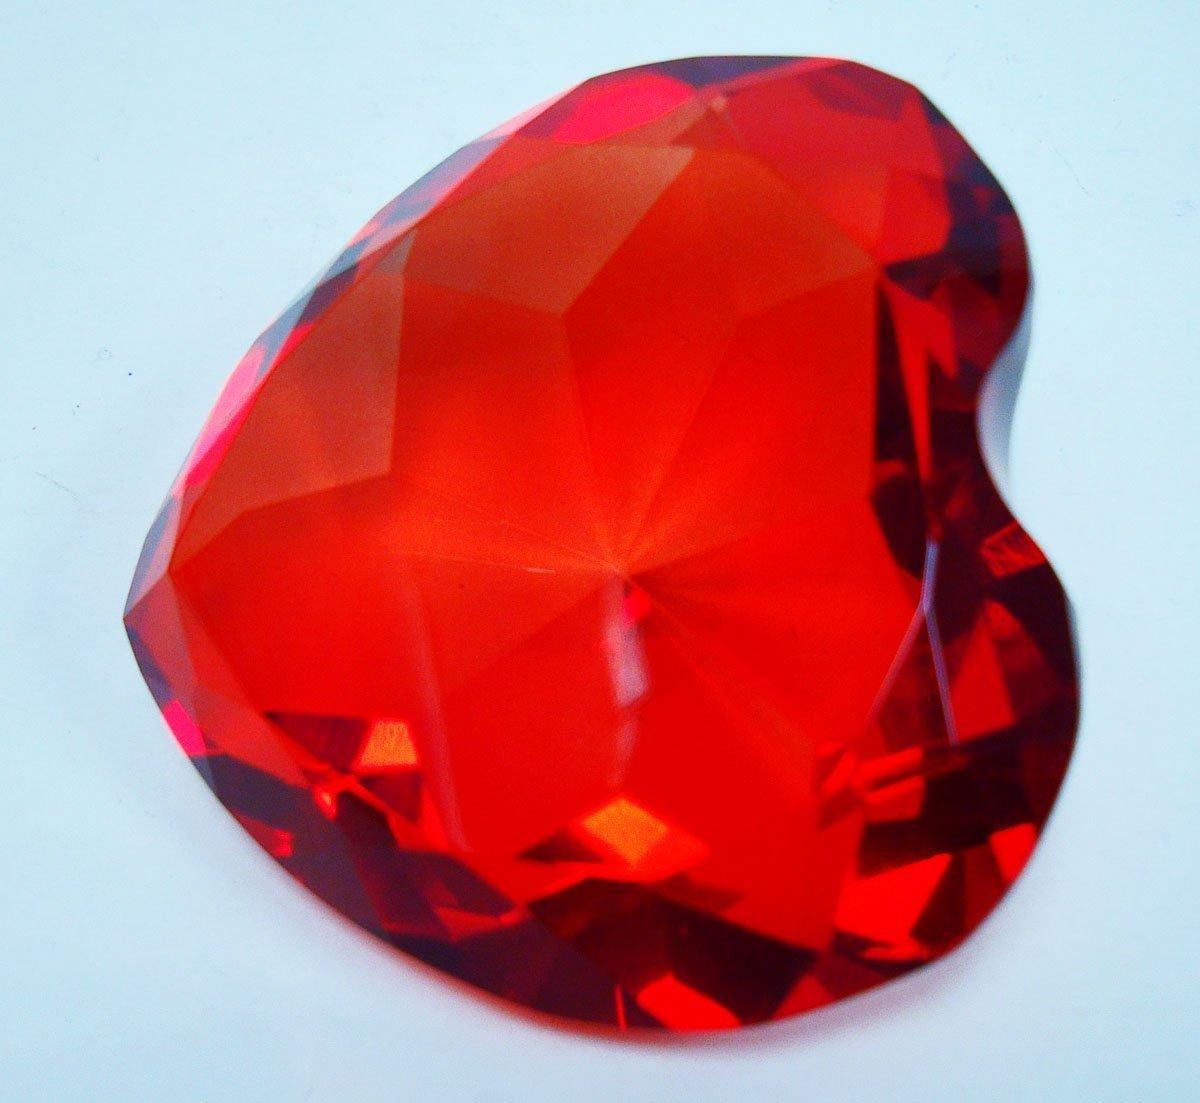 Rot Herzförmige Briefbeschwerer Glas Diamant 8,3 8,3 8,3 cm B00BGE22K0 | Haltbar  a233bf